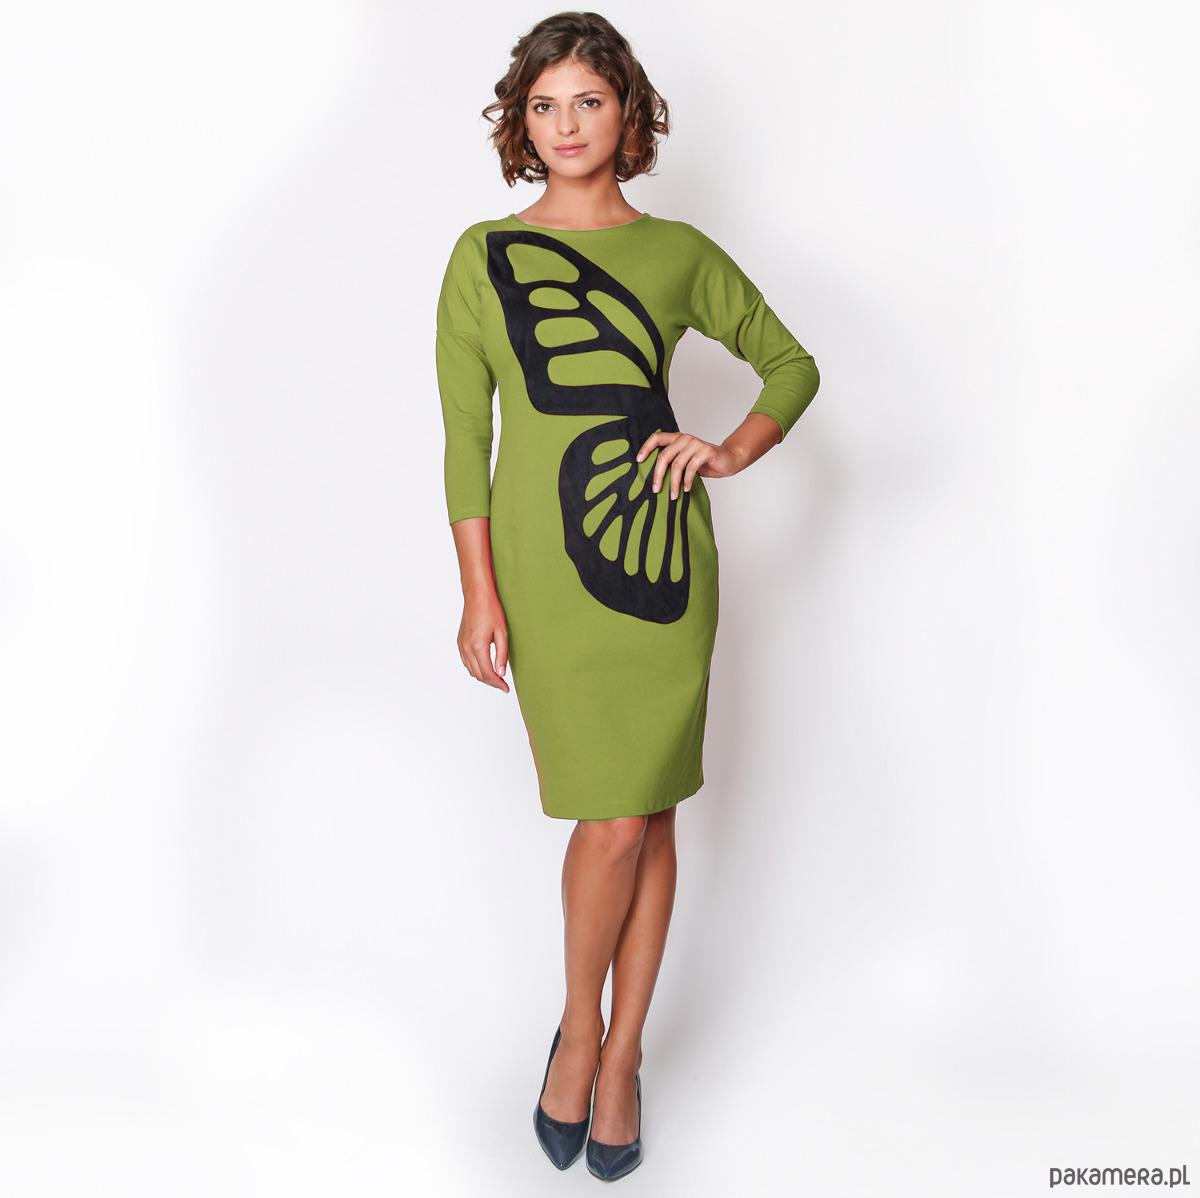 Sukienka ze skrzydłem motyla zielona